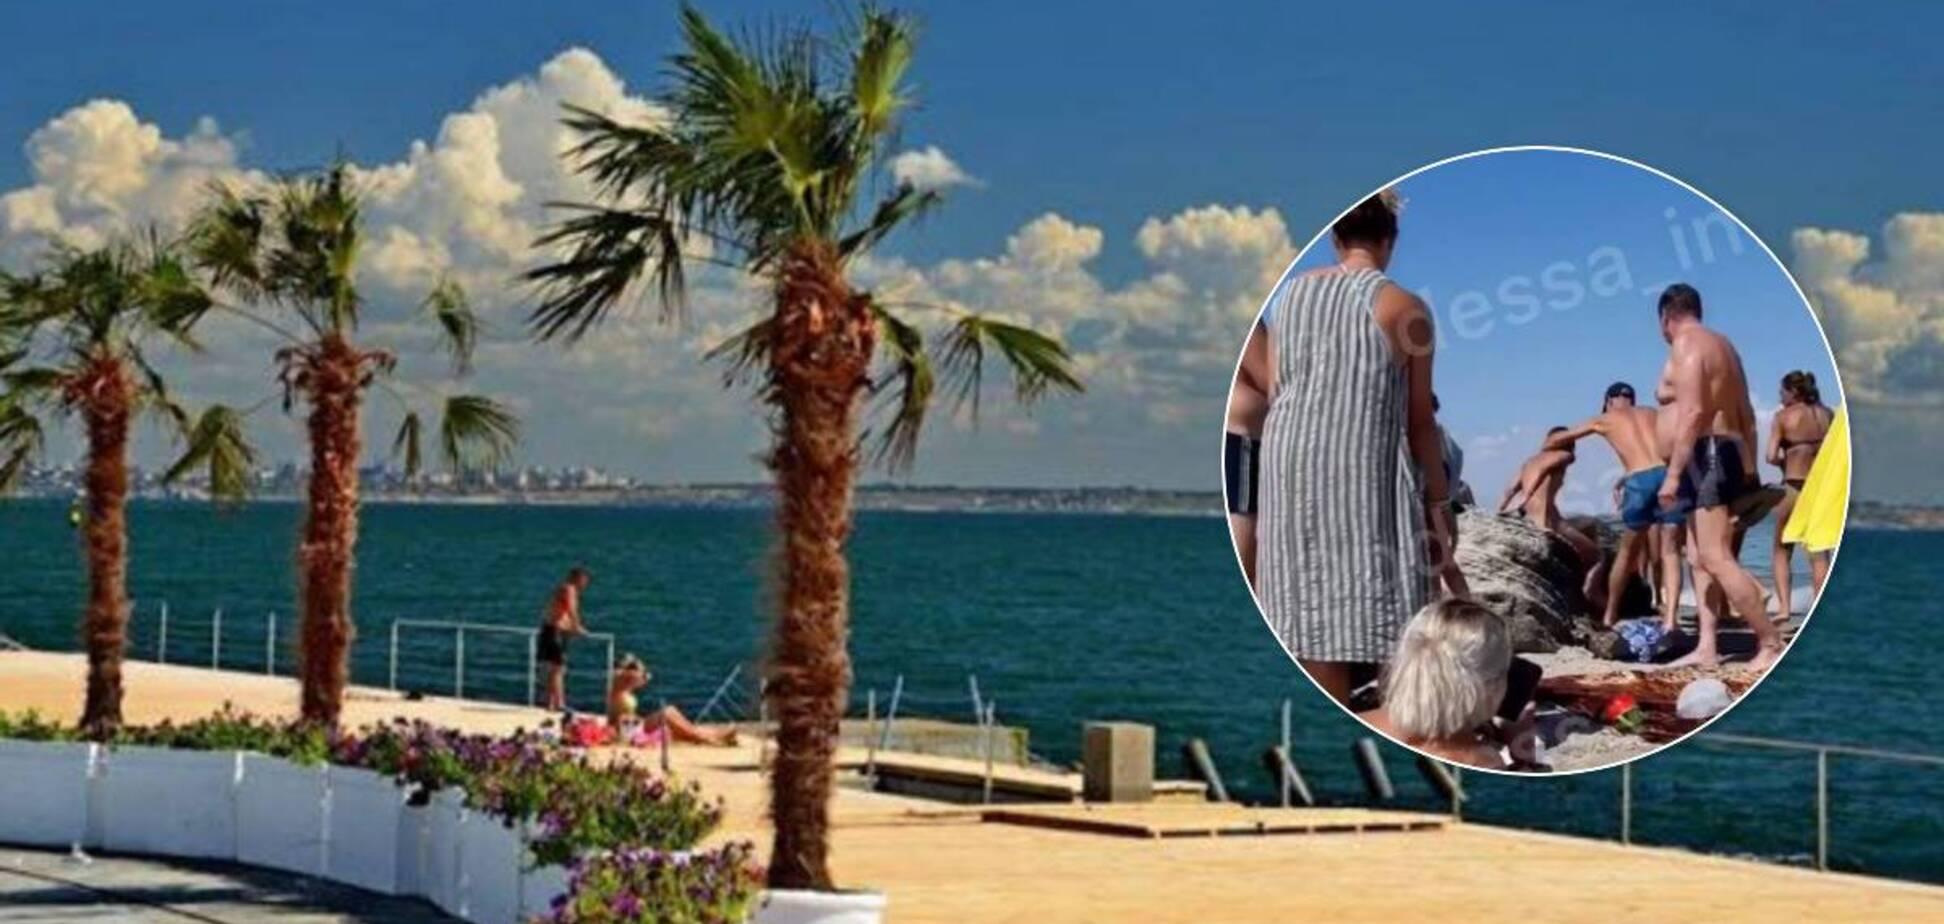 На пляжі в Одесі розгулювала повністю гола дівчина. Відео 18+